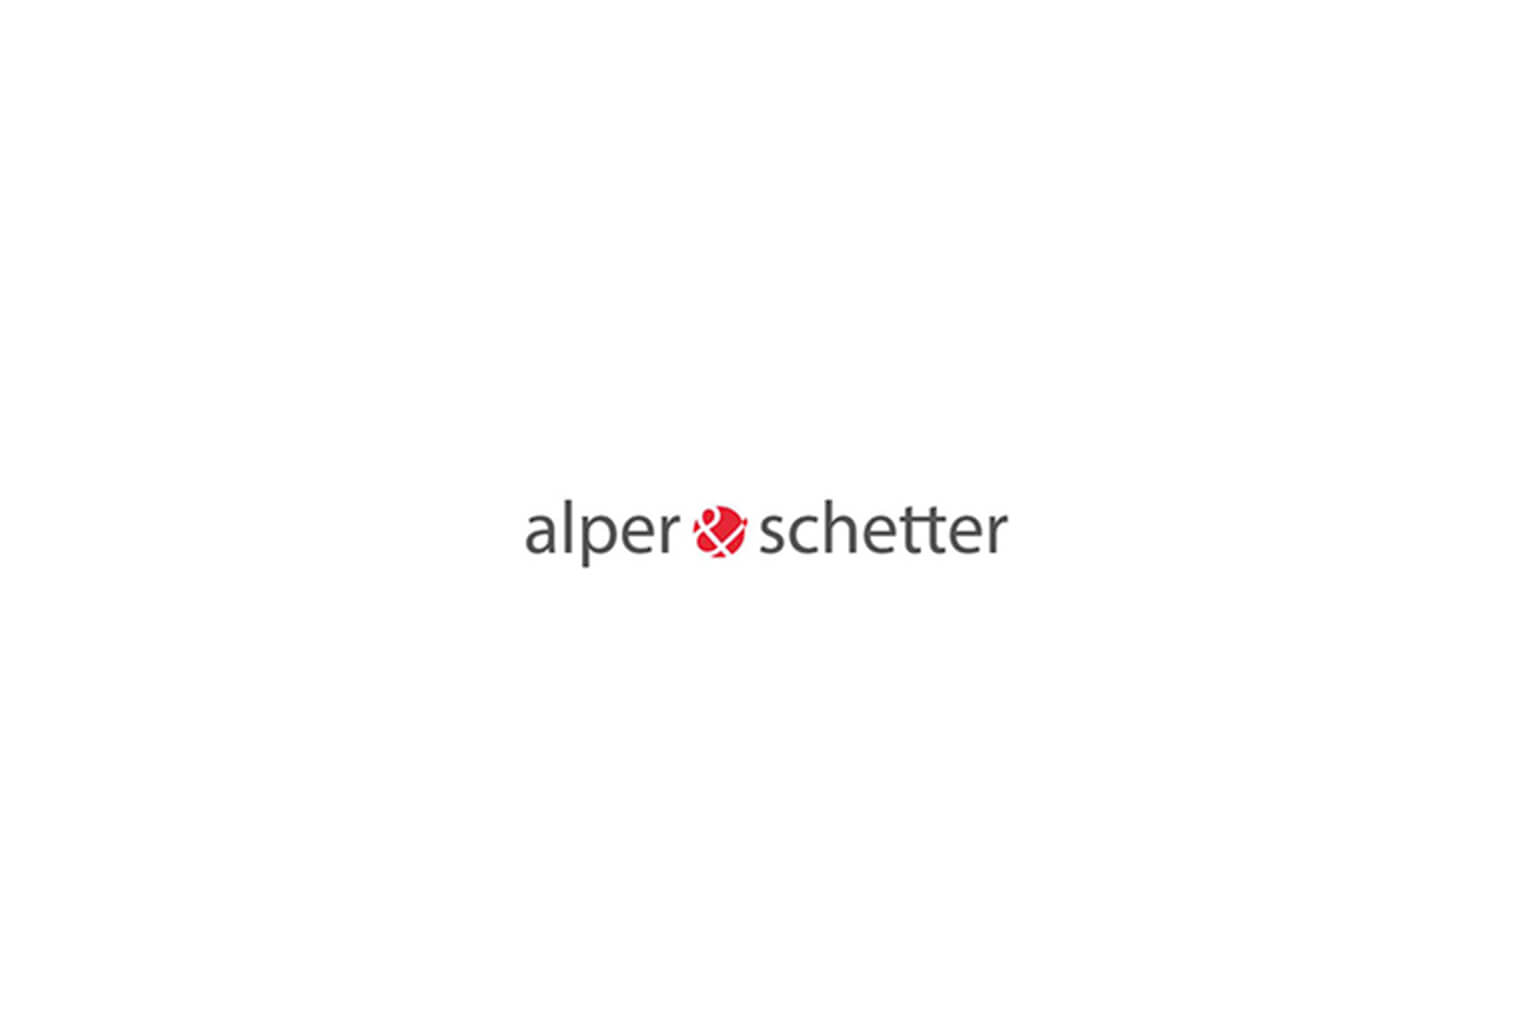 Alper & Schetter